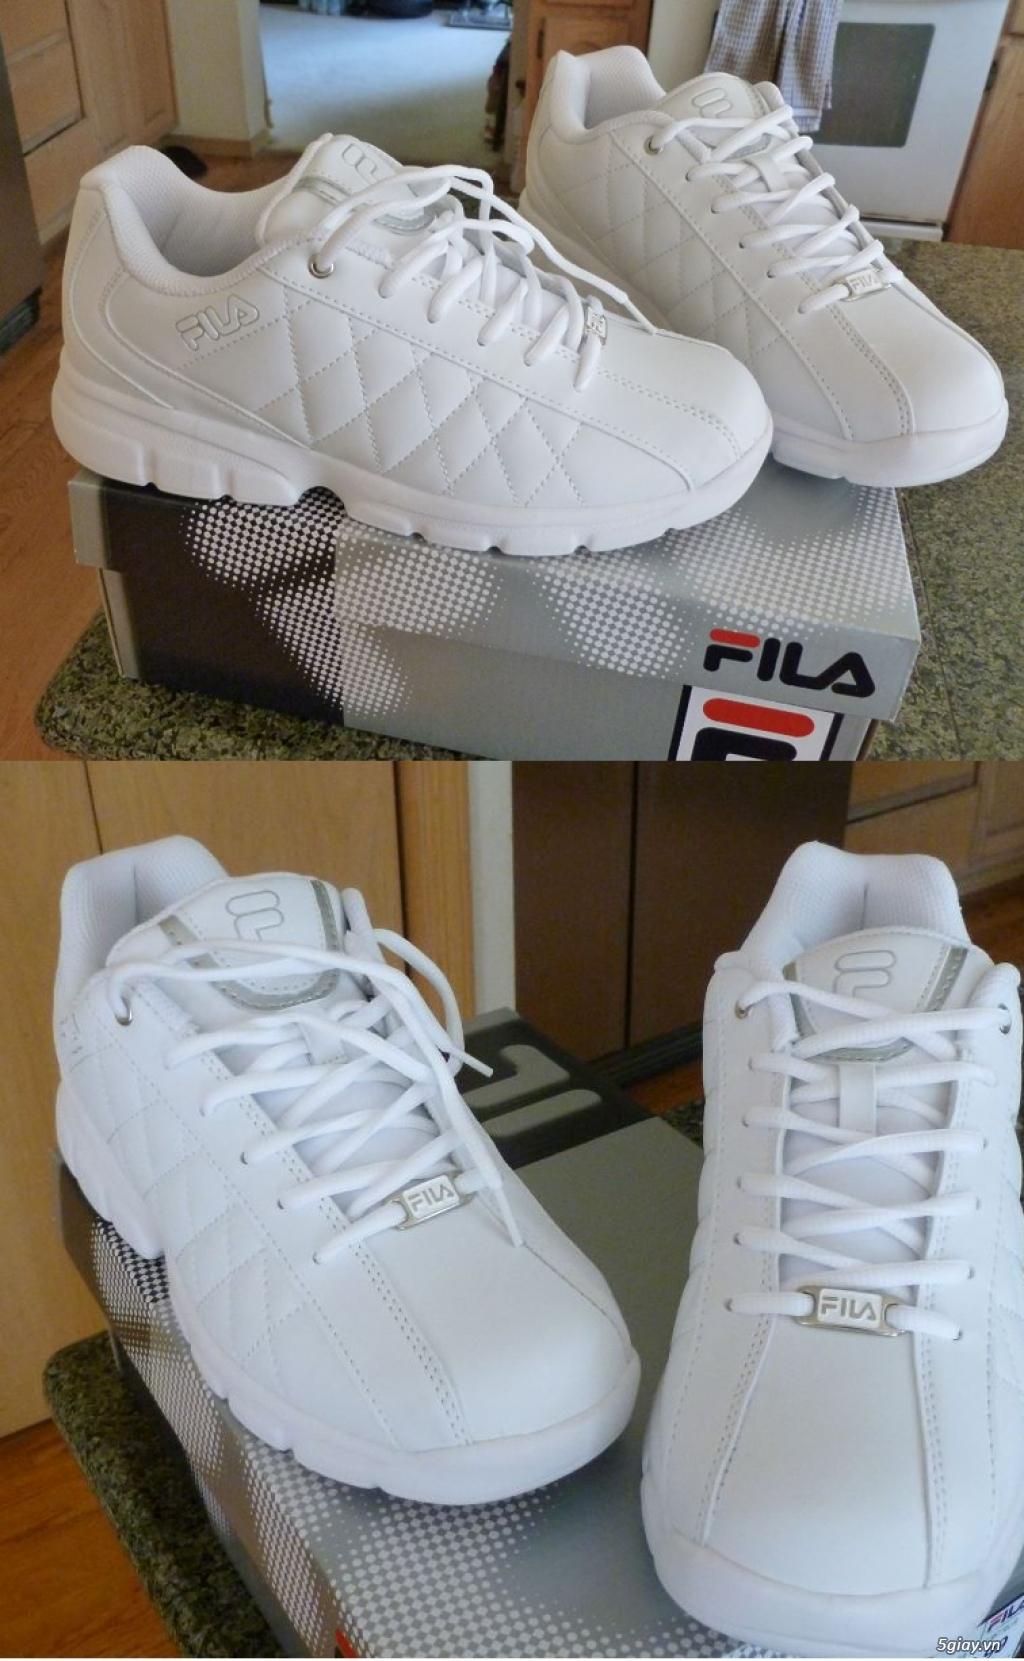 Mình xách/gửi giày Nike, Skechers, Reebok, Polo, Converse, v.v. từ Mỹ. - 15